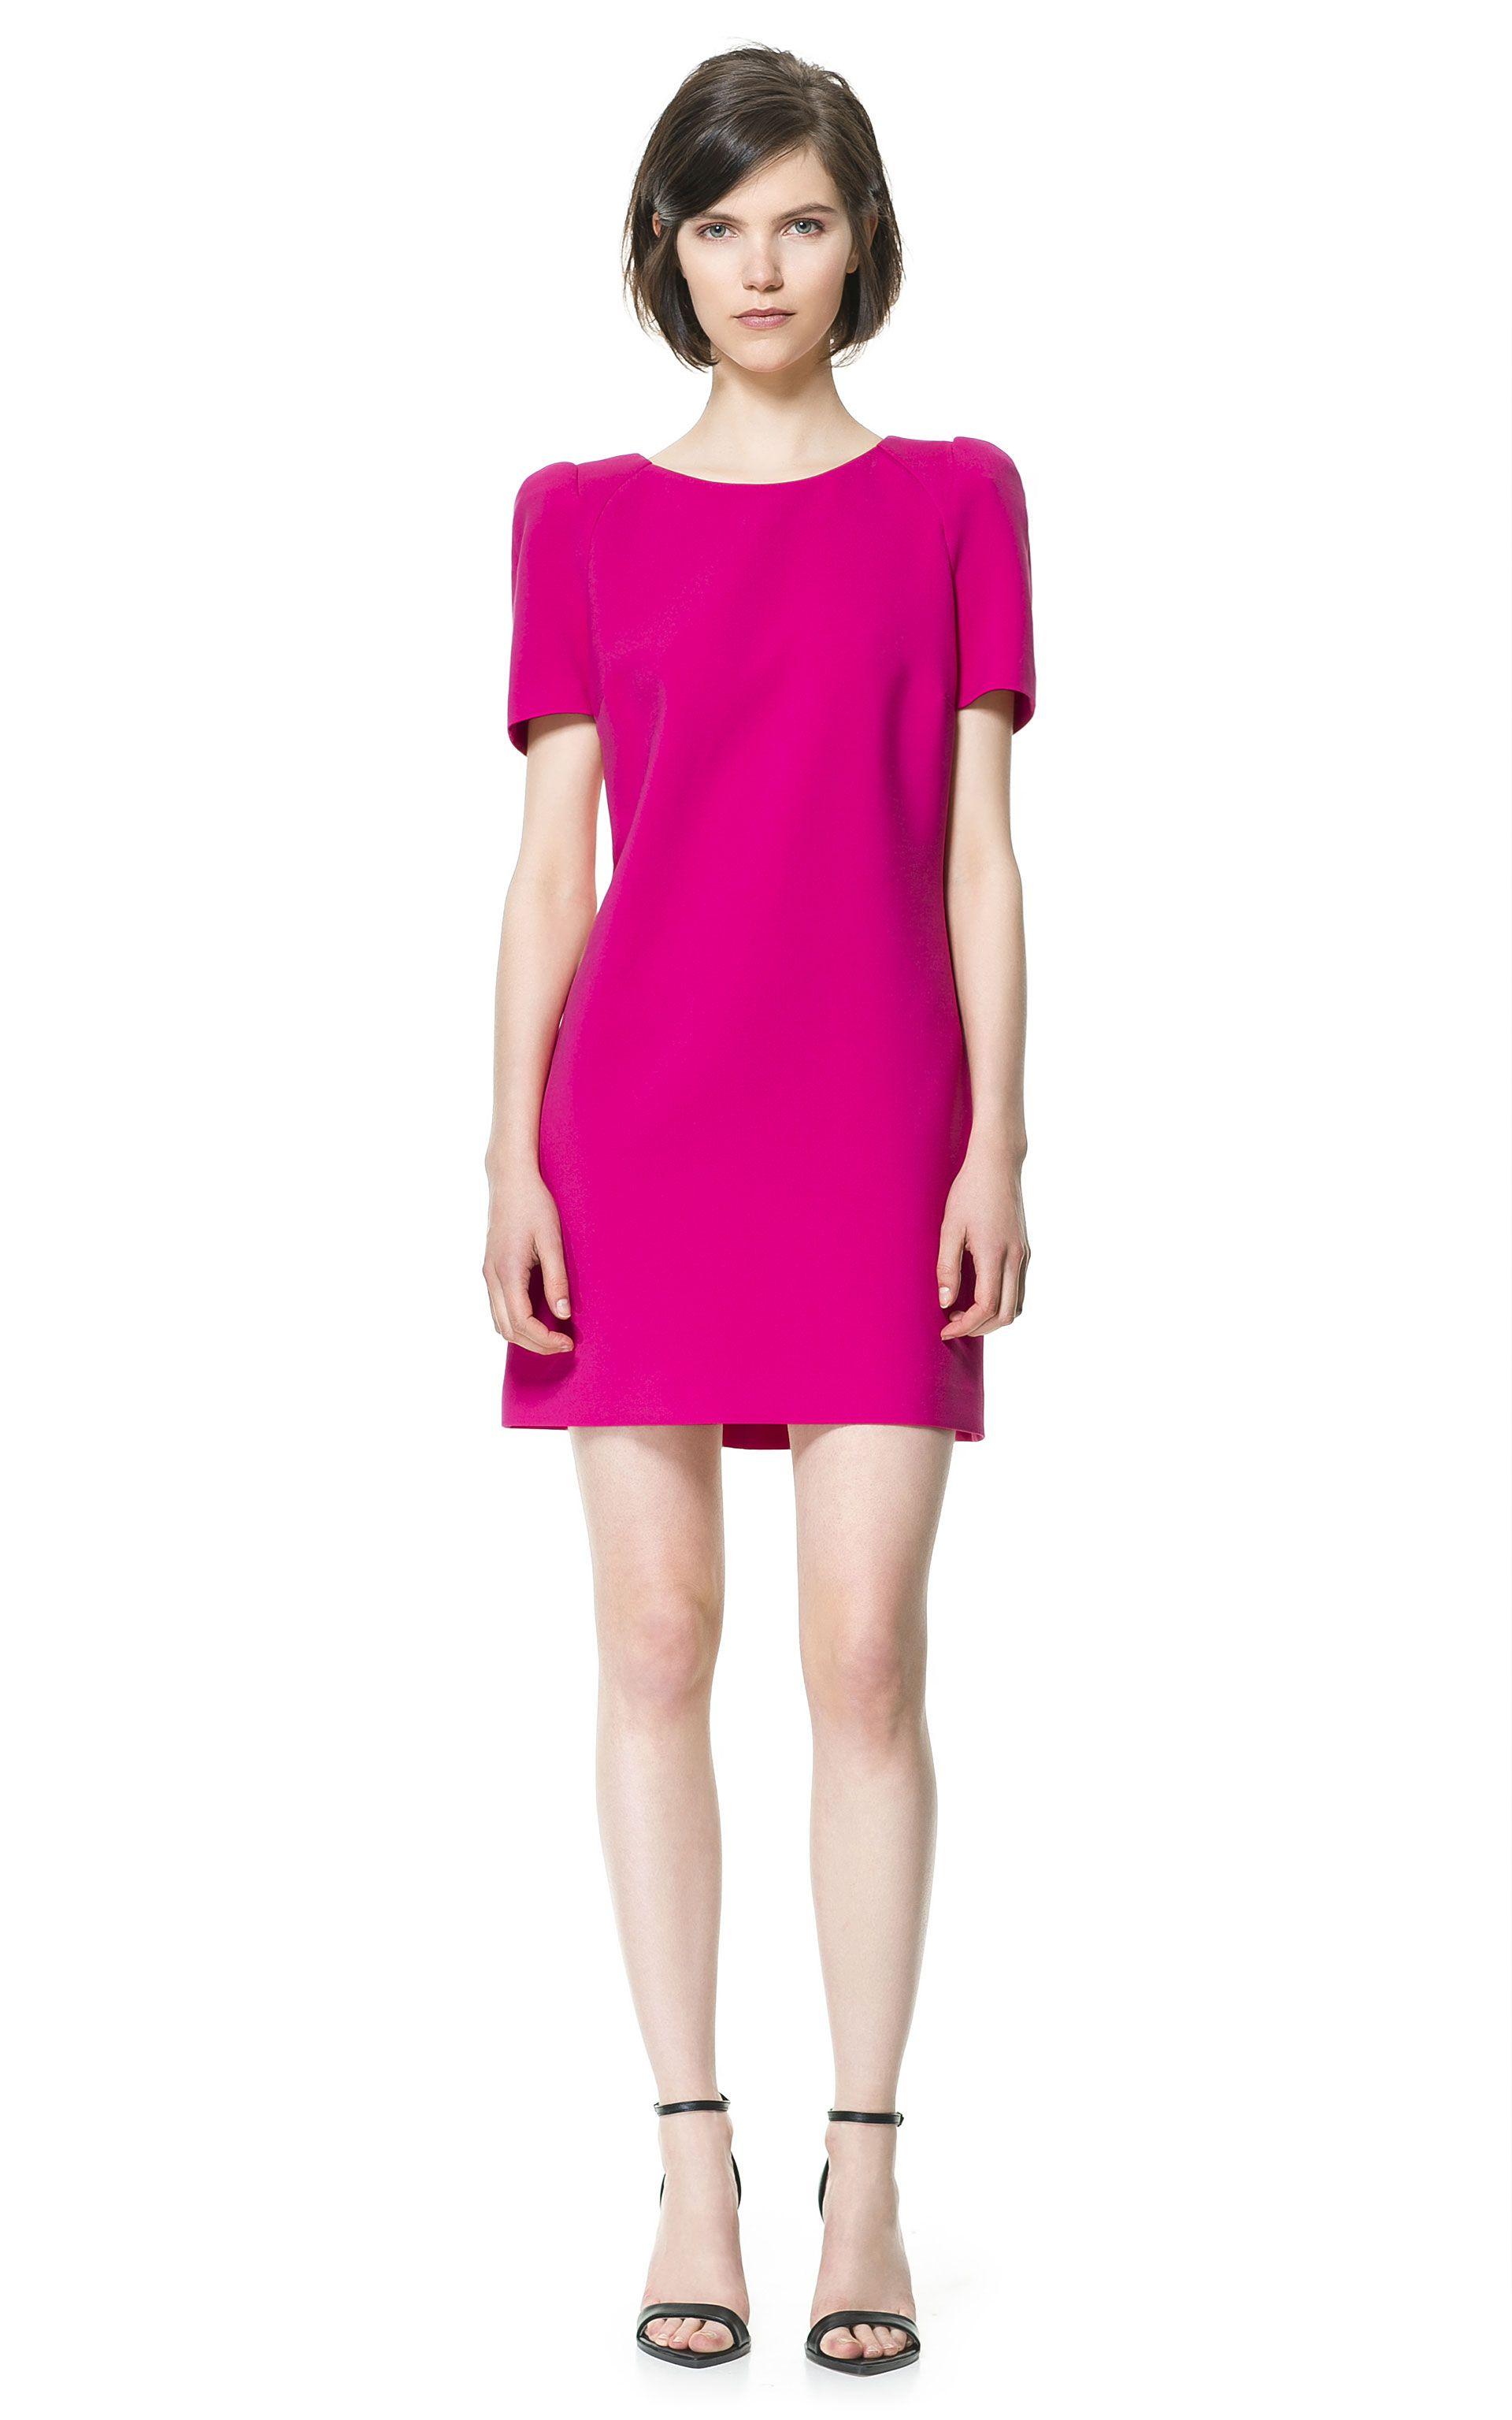 Dress With Shoulder Pads Woman New This Week Zara United States Frauen Outfits Aussergewohnliche Kleider Kleider